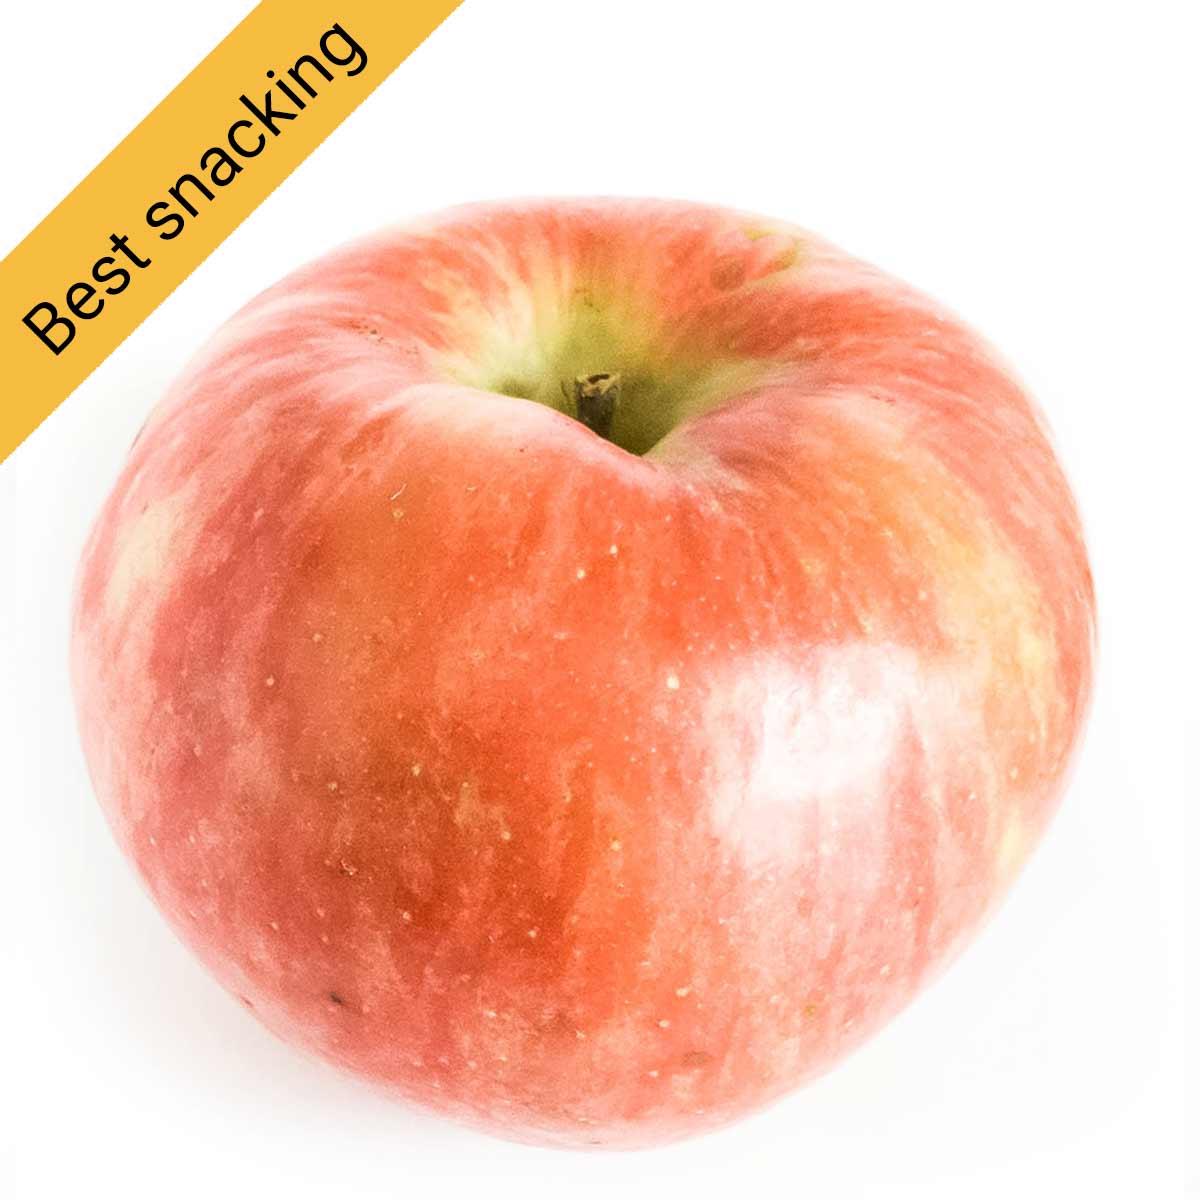 Best snacking apple: Honeycrisp